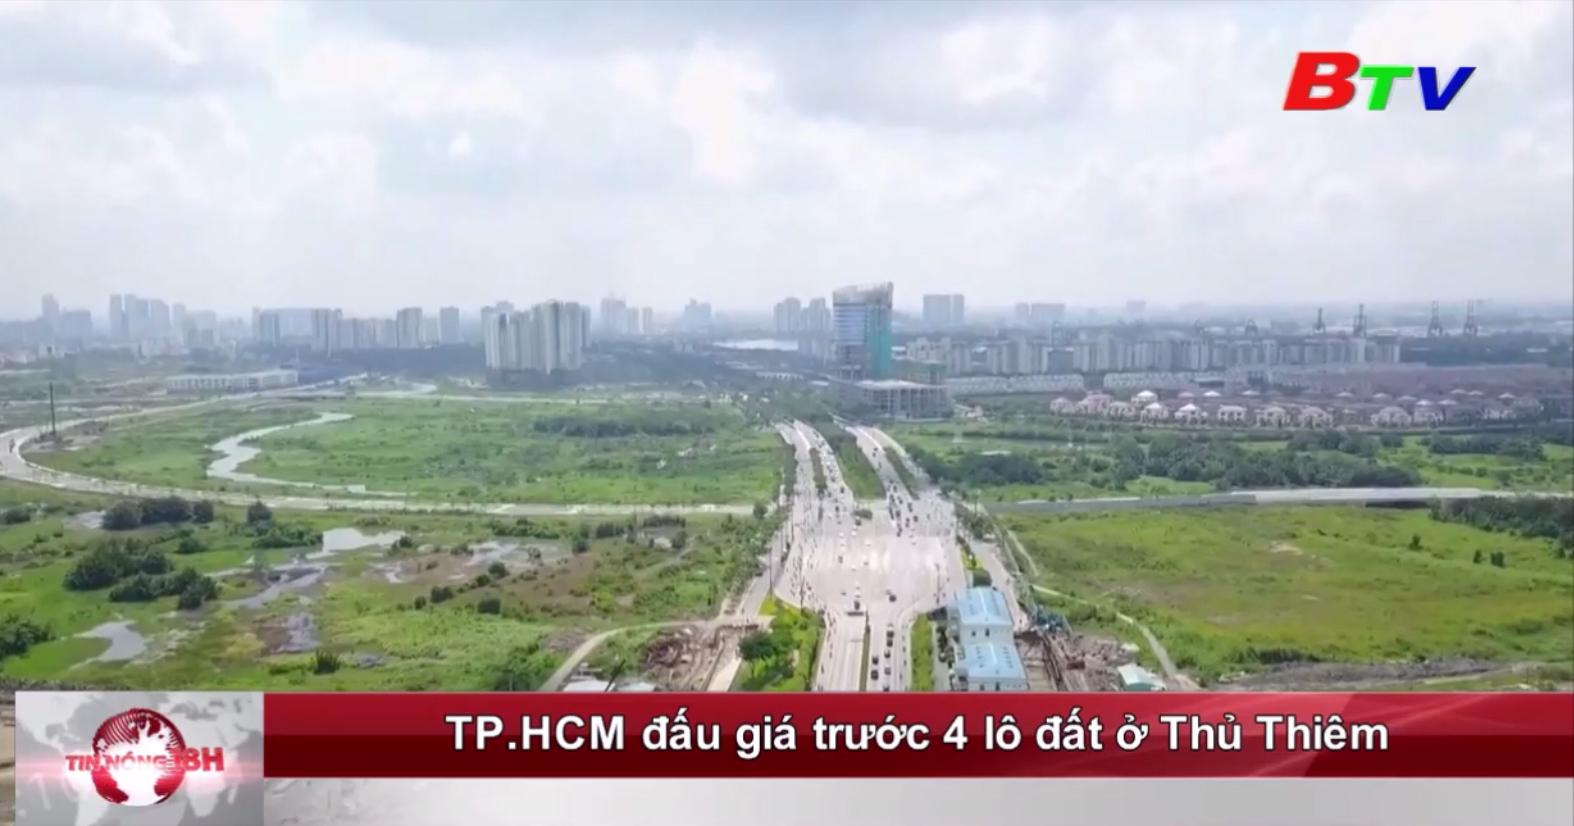 TP.HCM đấu giá trước 4 lô đất ở Thủ Thiêm